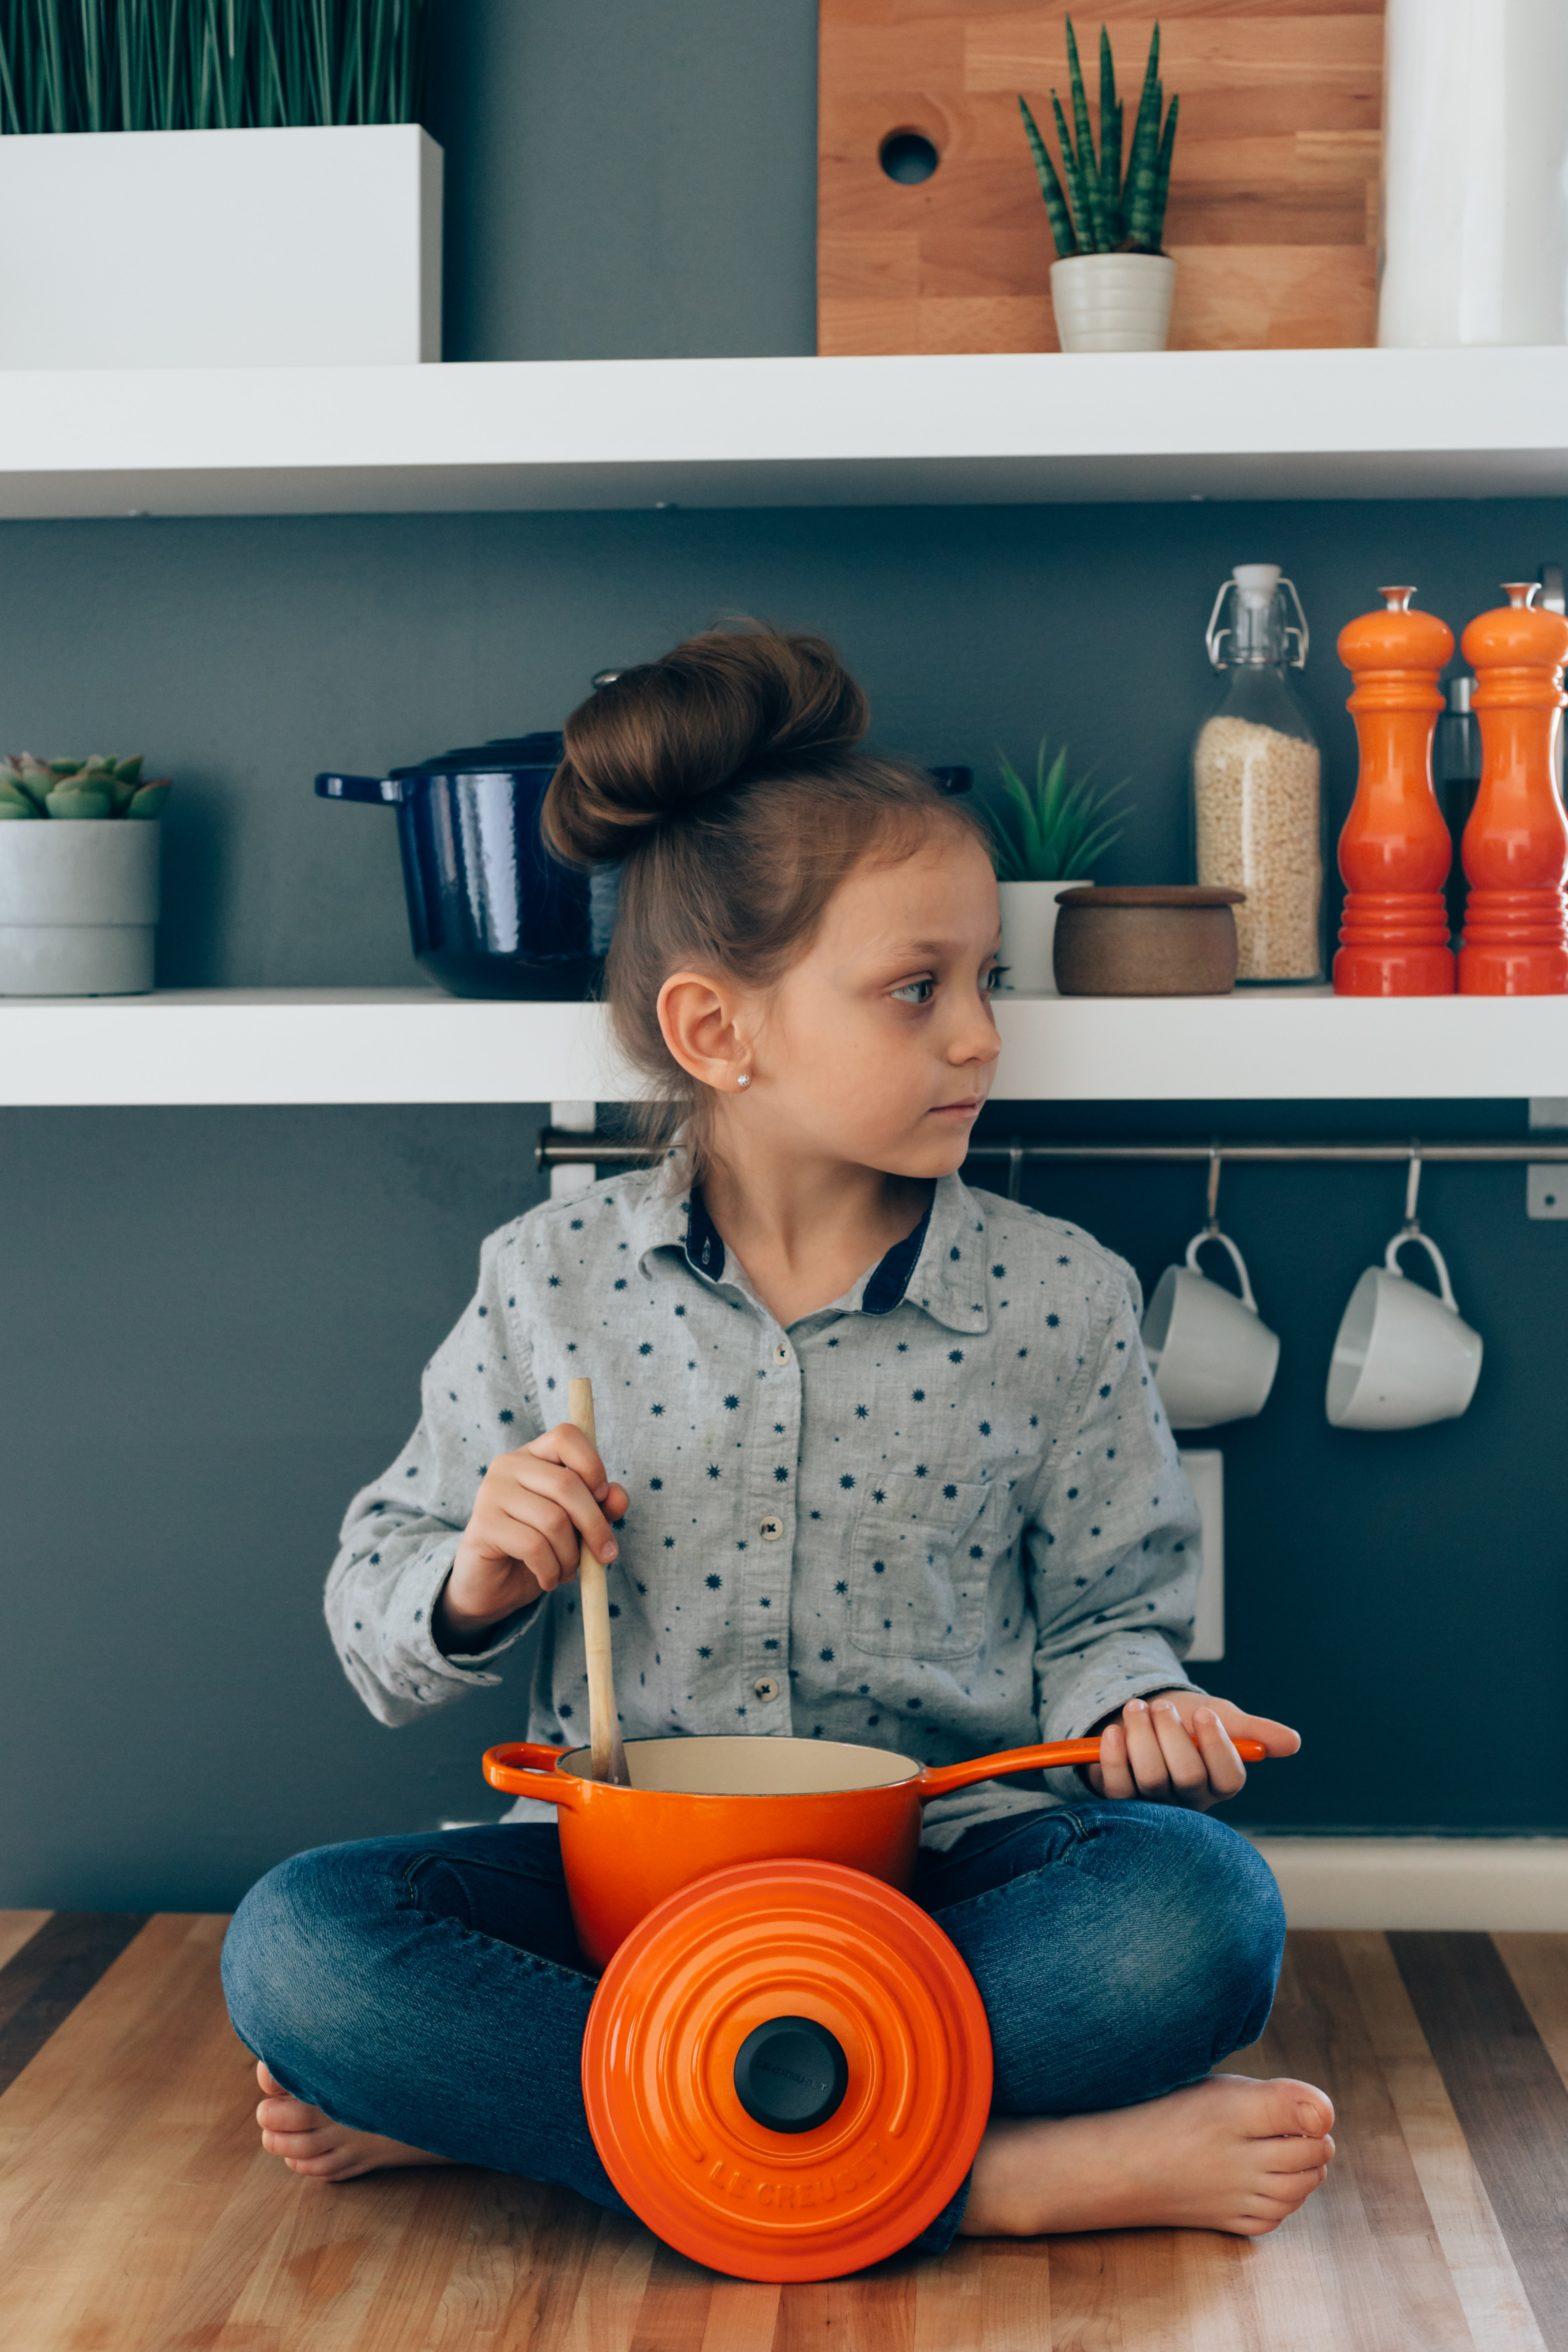 Apprendre la cuisine aux enfants